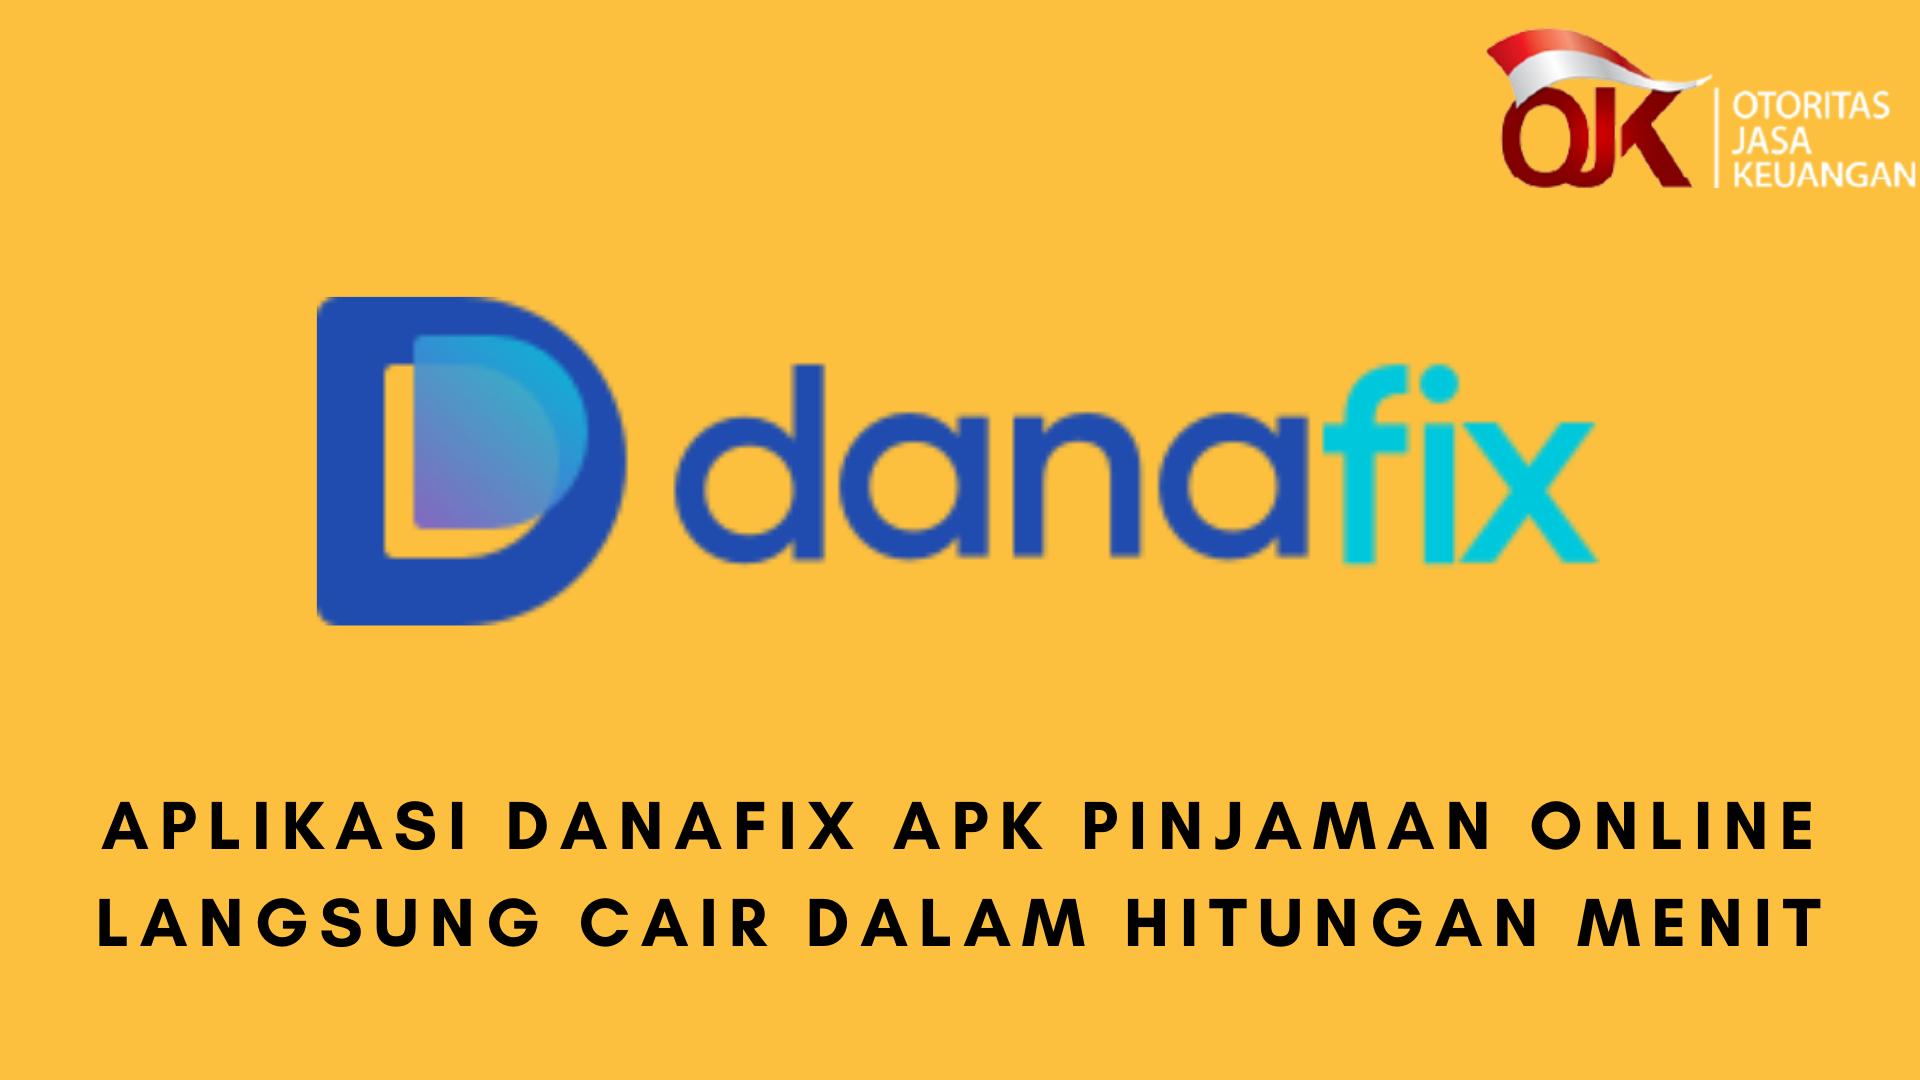 Aplikasi Danafix APK Pinjaman Online Langsung Cair Dalam Hitungan Menit -  DANA MILENIAL